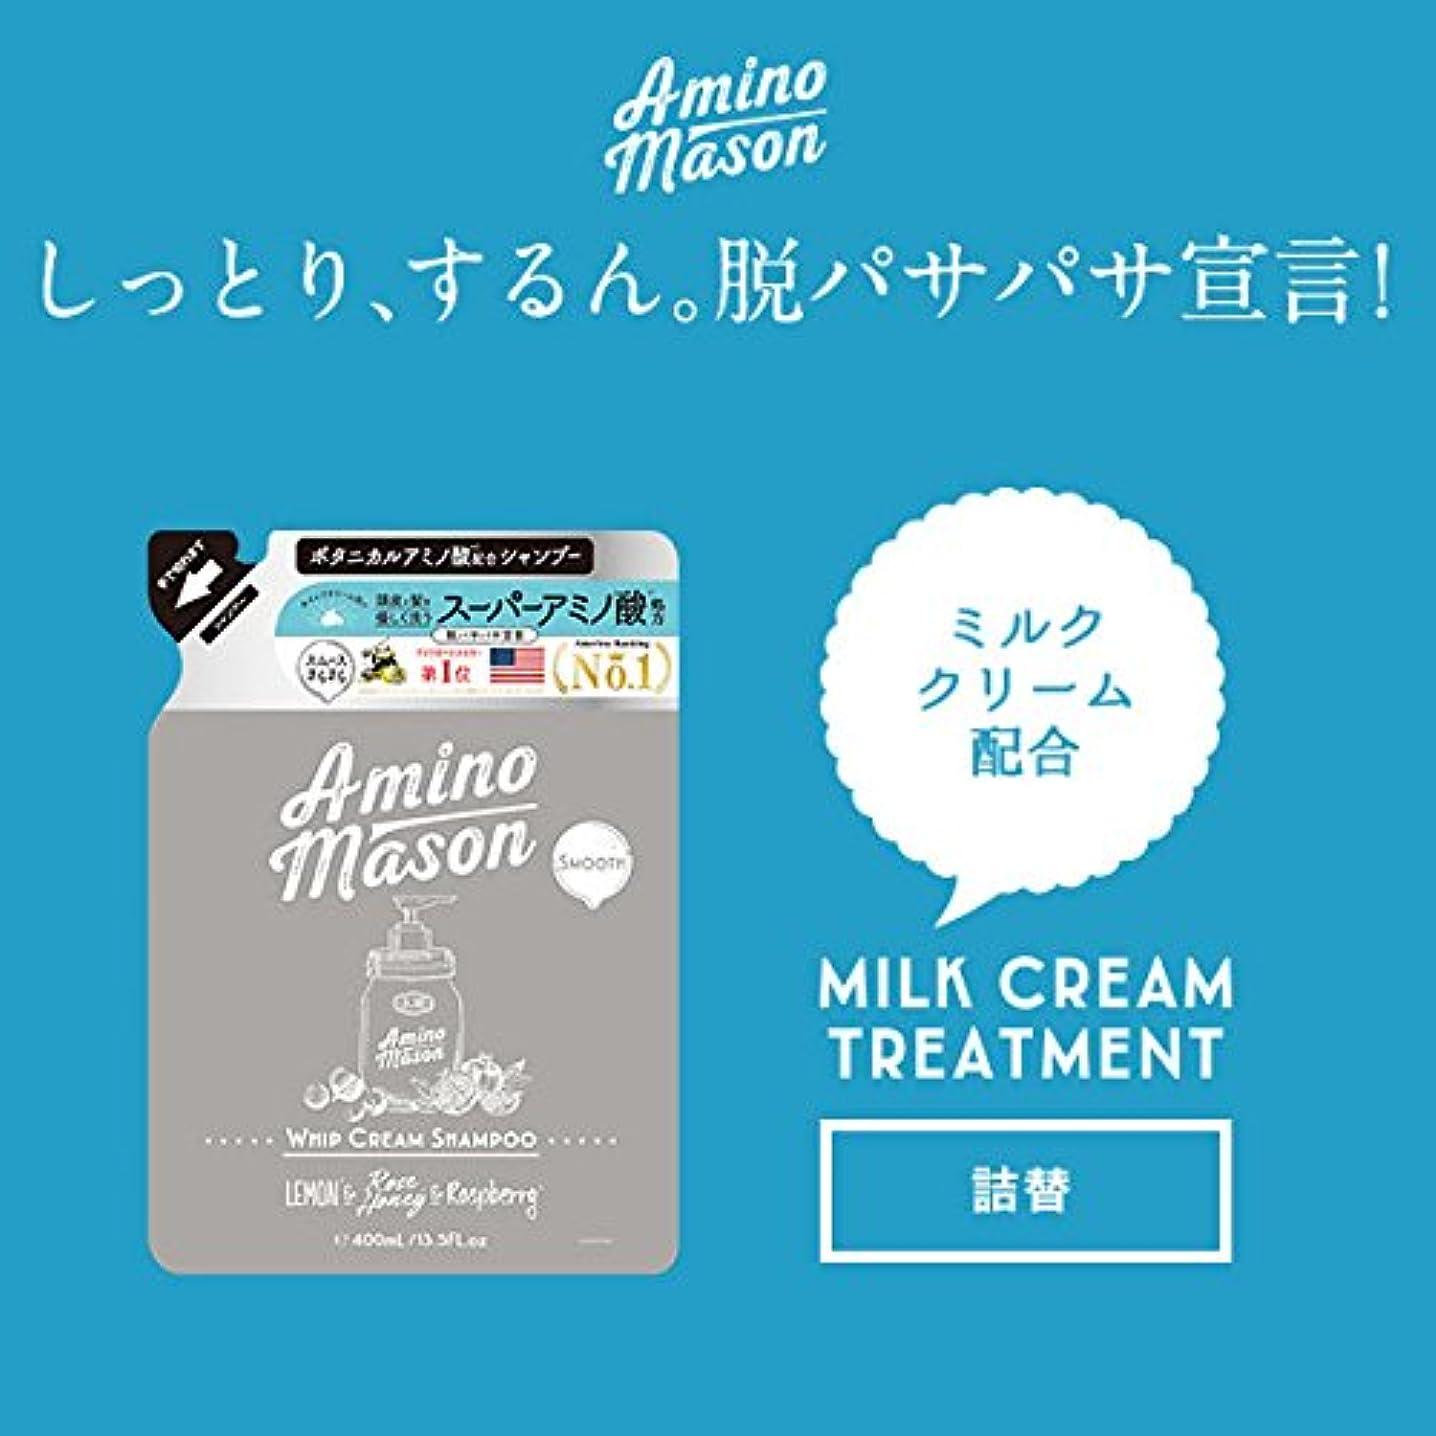 革命ドアコマンドAmino Mason アミノメイソン ミルククリーム トリートメント 詰め替え 400ml (スムース)